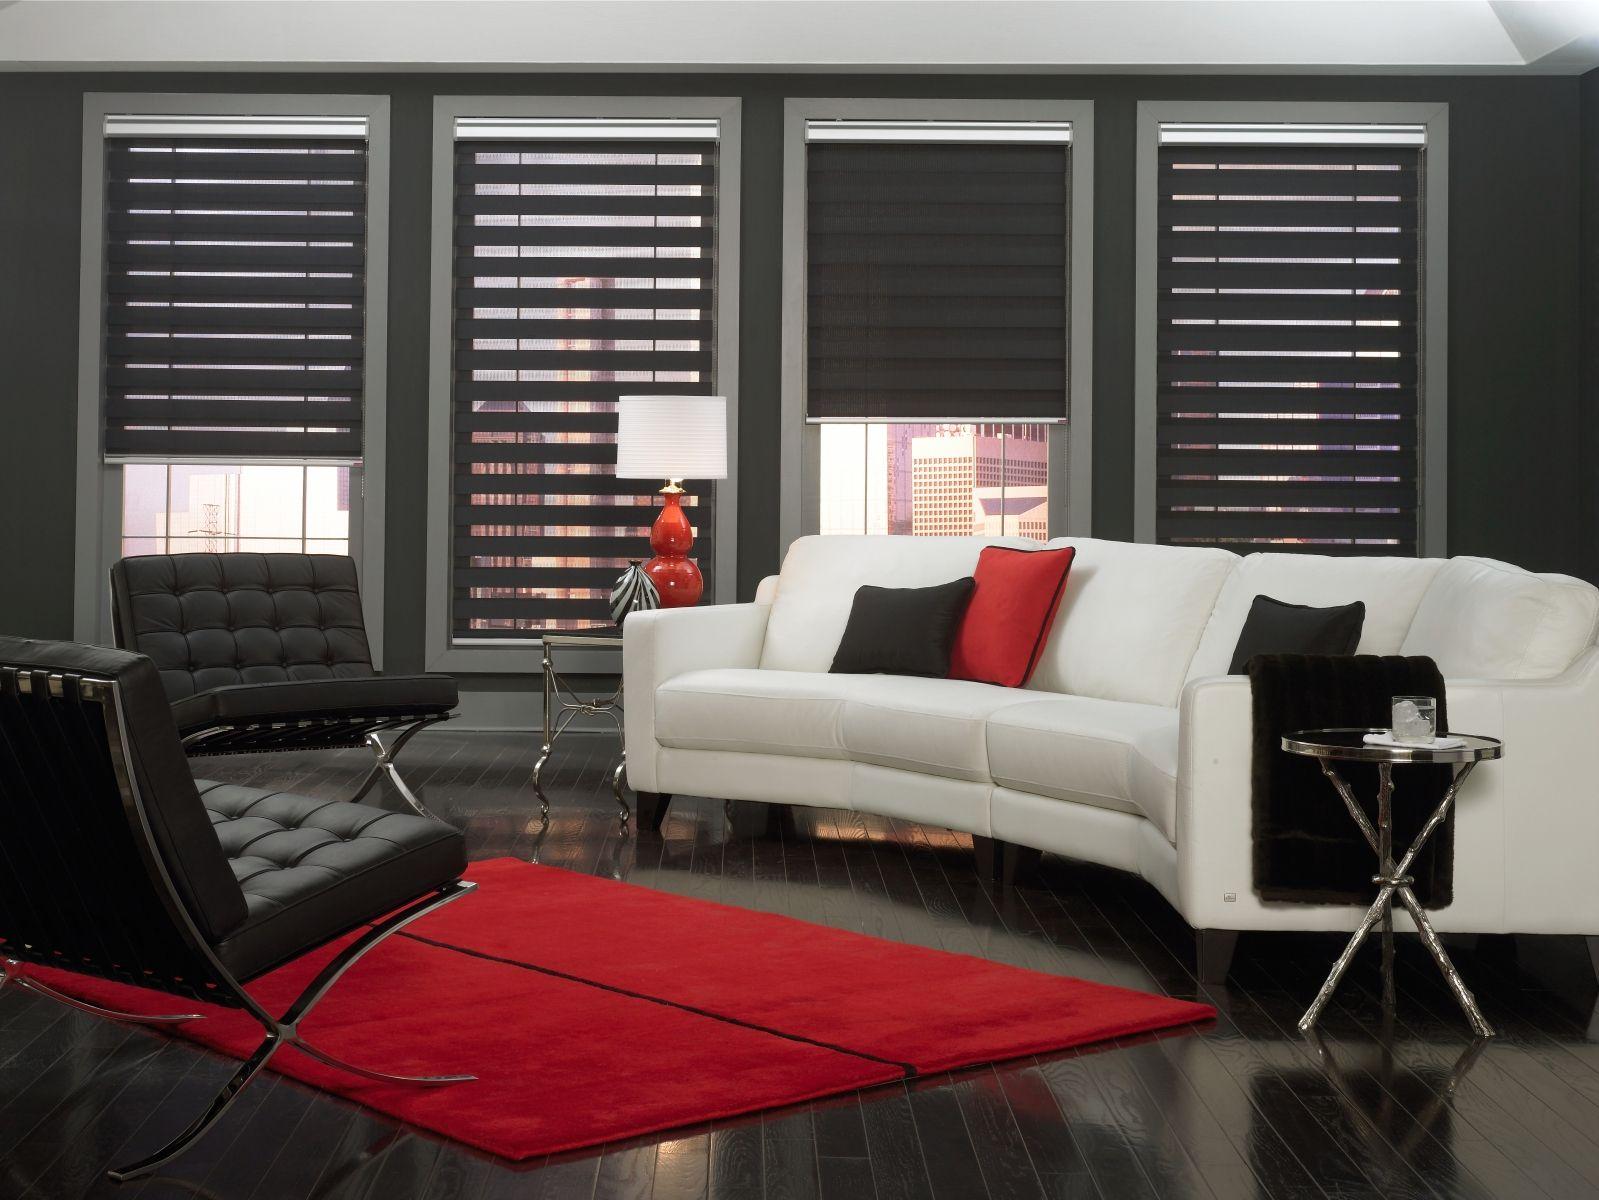 doppelrollos f r das wohnzimmer von rollomeister. Black Bedroom Furniture Sets. Home Design Ideas